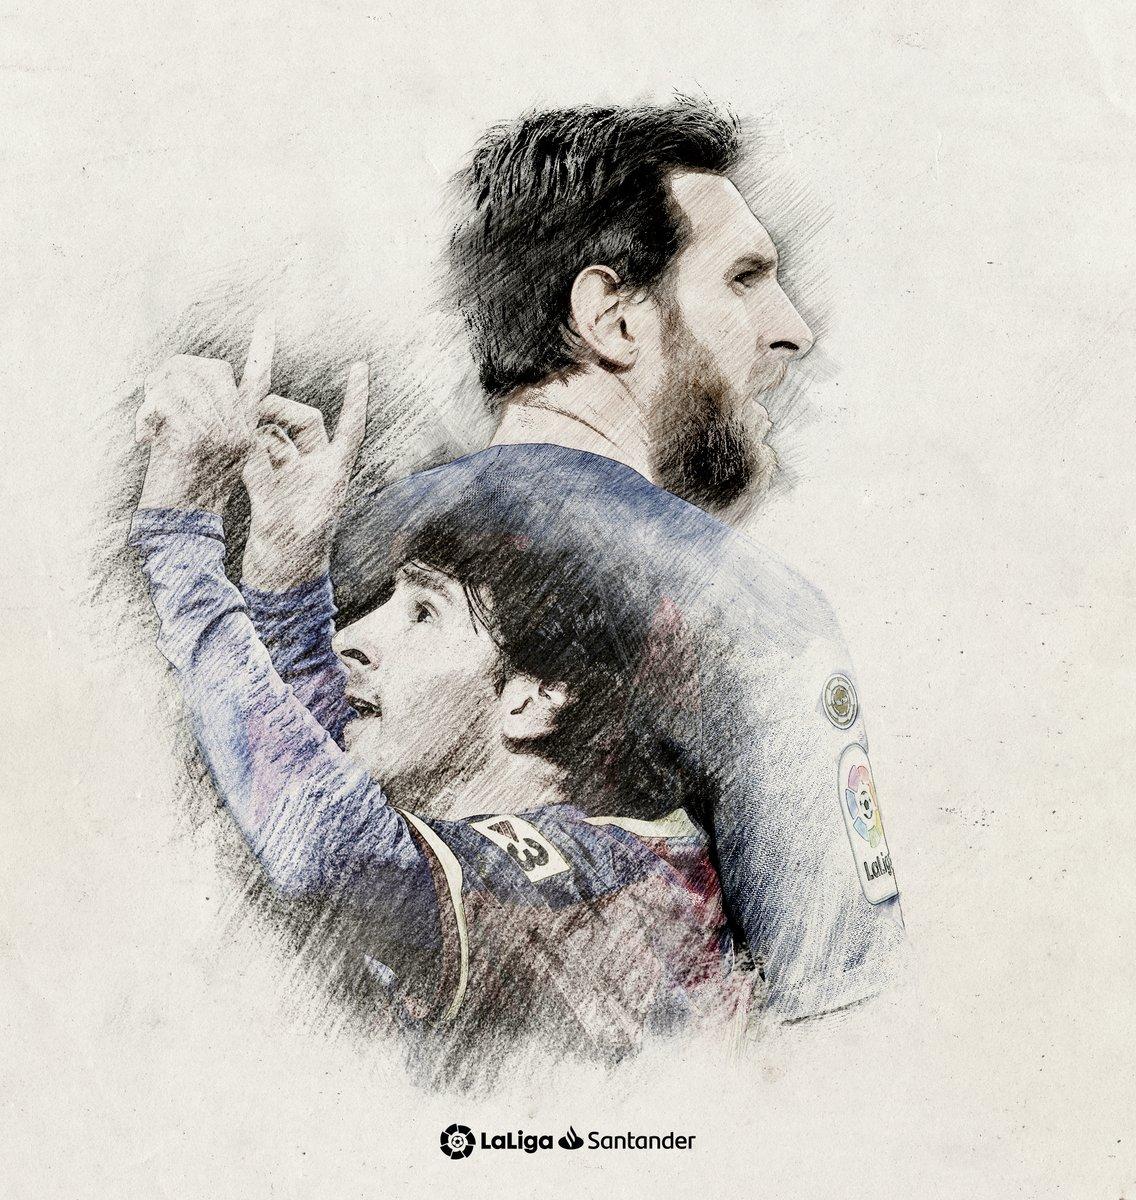 🌟 1⃣9⃣ ASISTENCIAS 🌟  Messi suma y sigue. El argentino bate su propio récord de pases de gol en una temporada en #LaLigaSantander. https://t.co/01i6IV88Xe